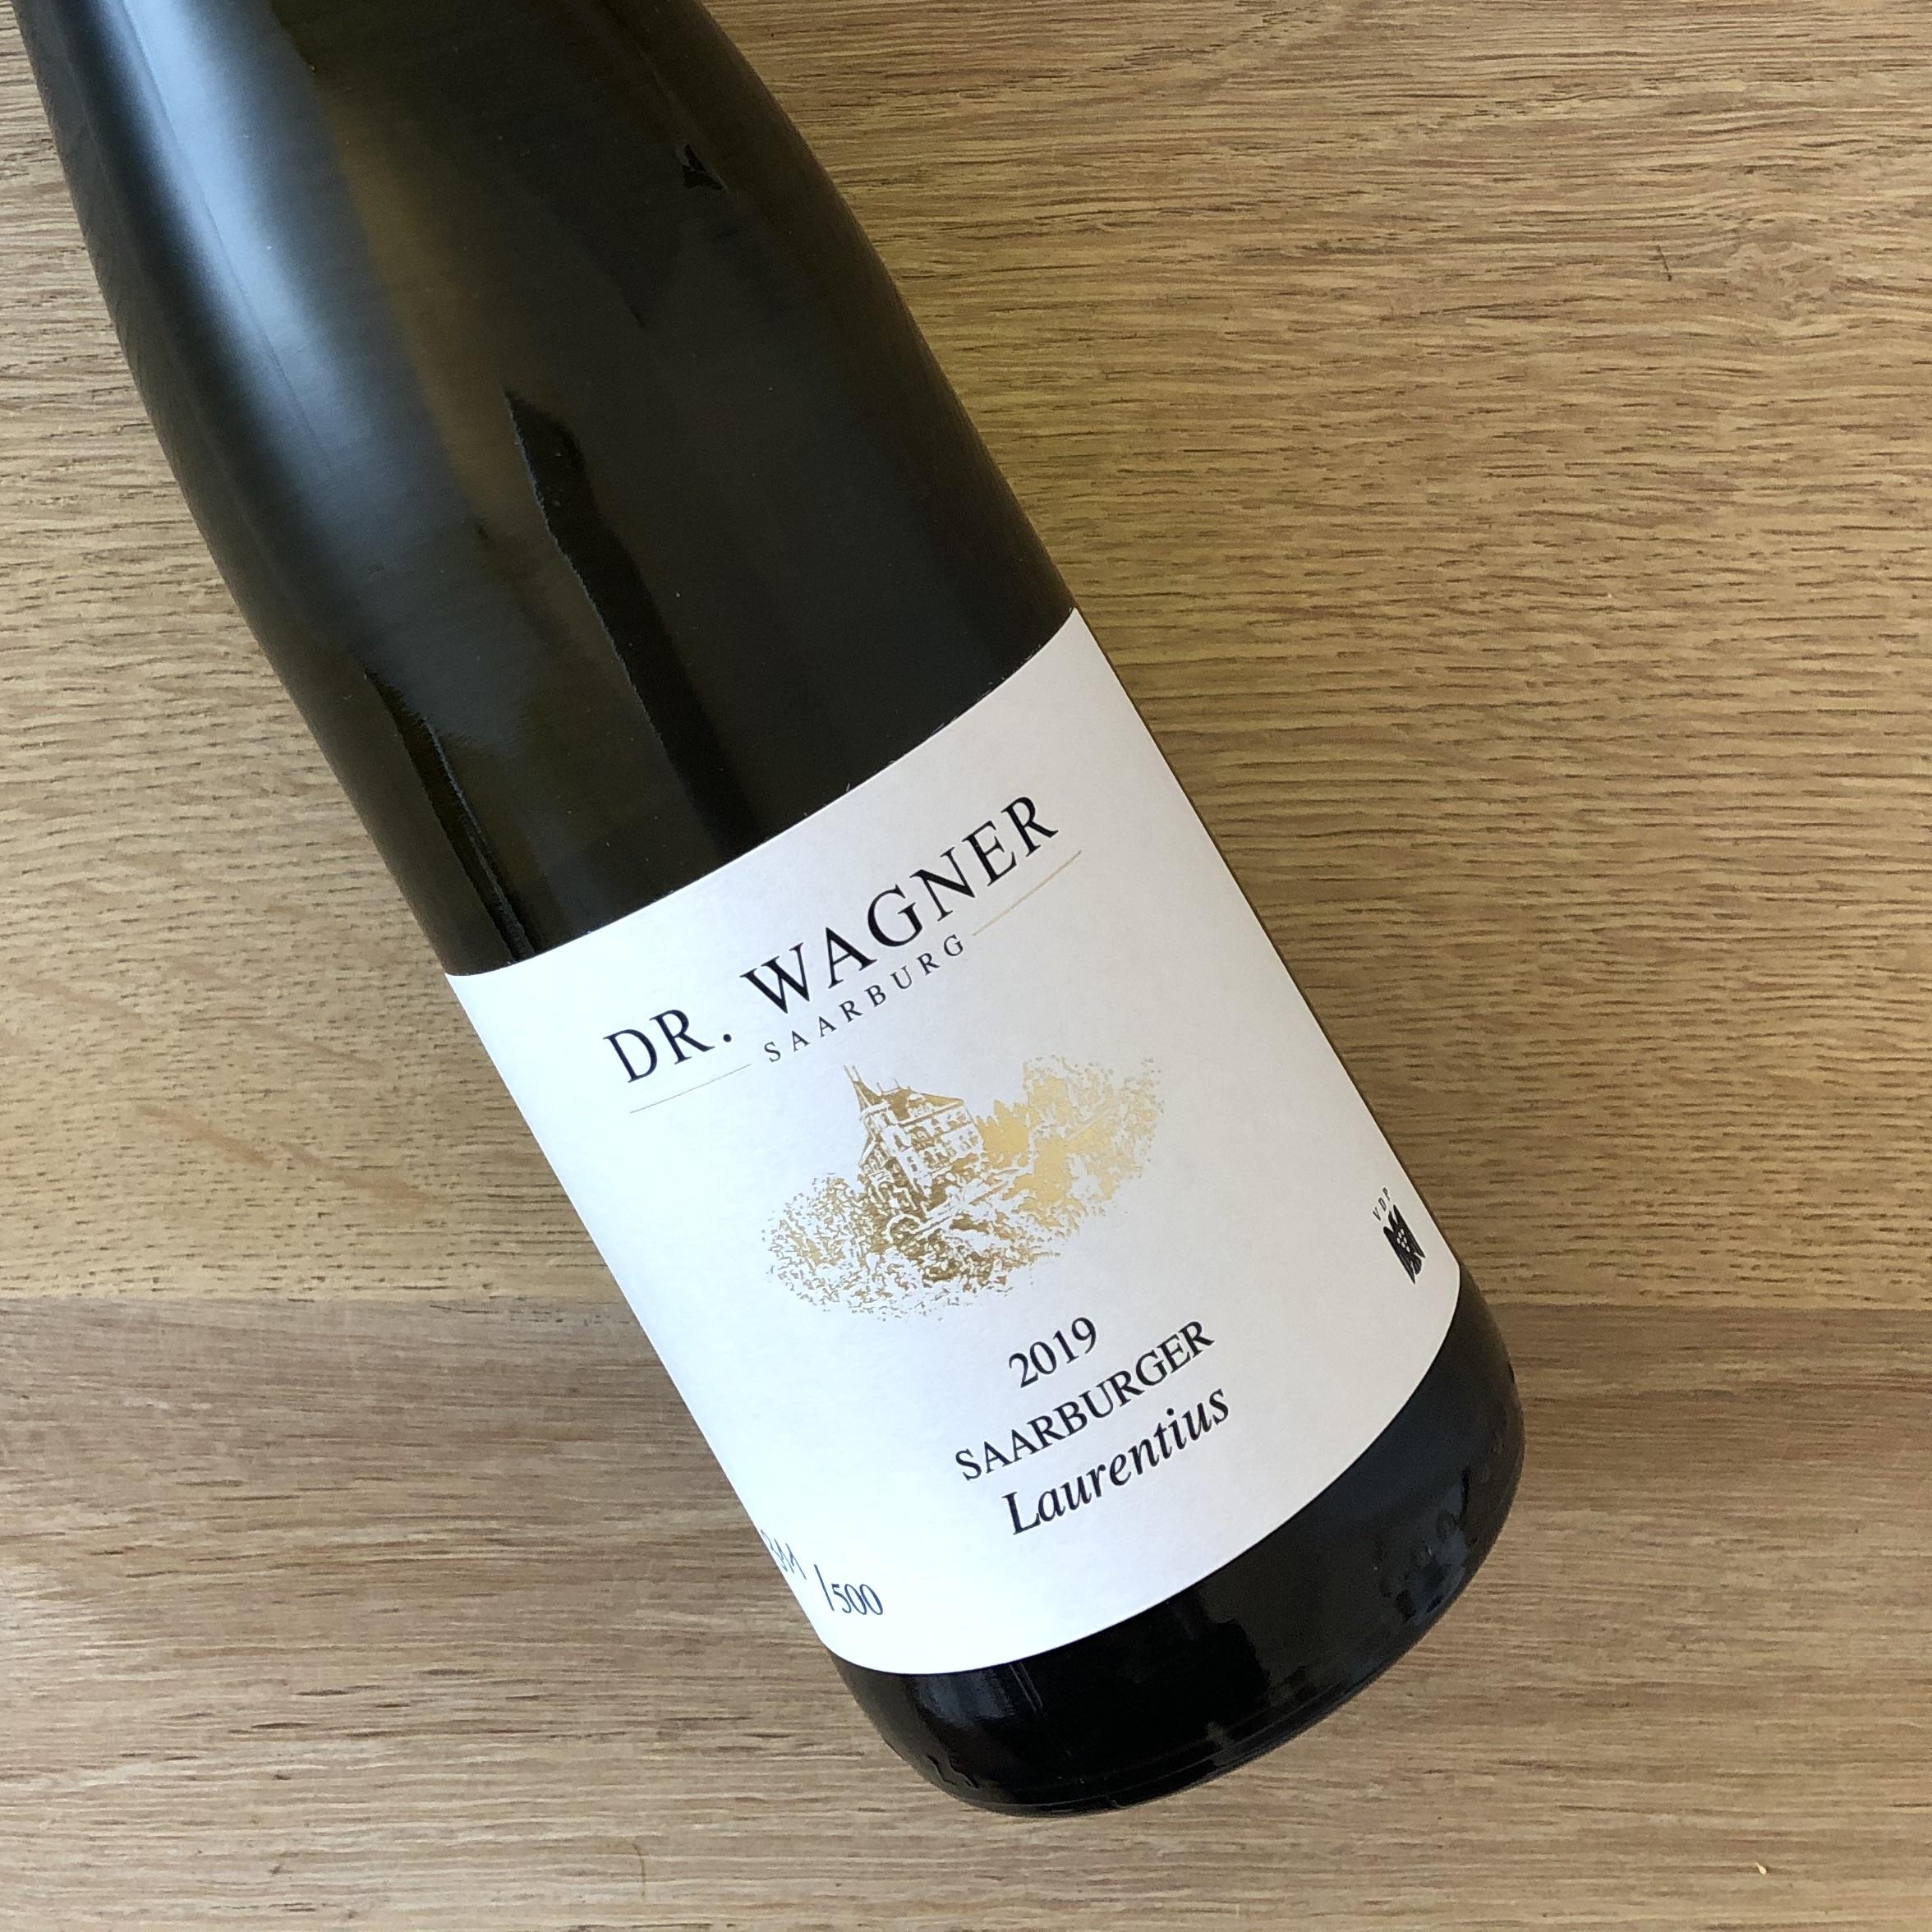 2019 Saarburger Laurentius Riesling TROCKEN - limitierte Auflage 500 Flaschen